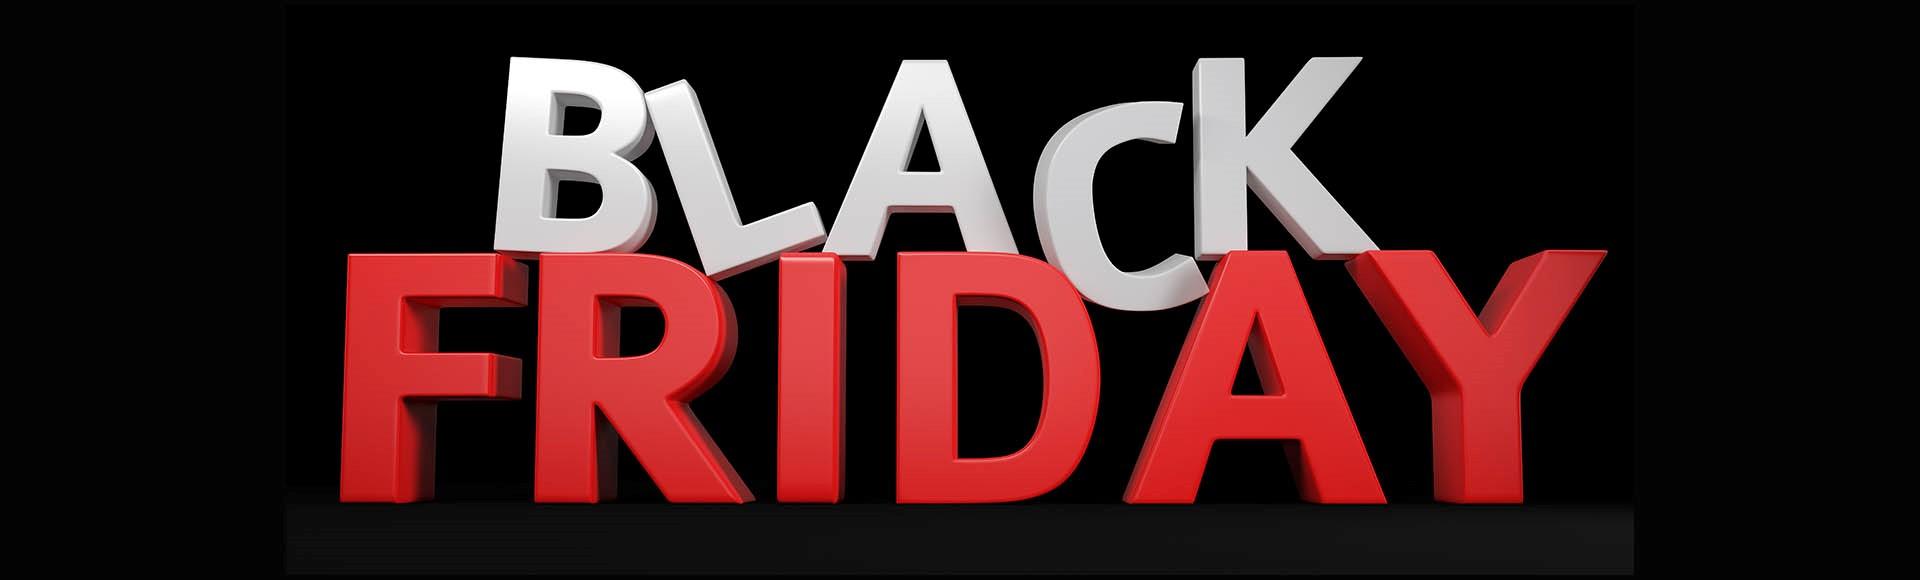 Mieux que les Soldes : le Black Friday ! C'est bientôt, tenez vous prêts !